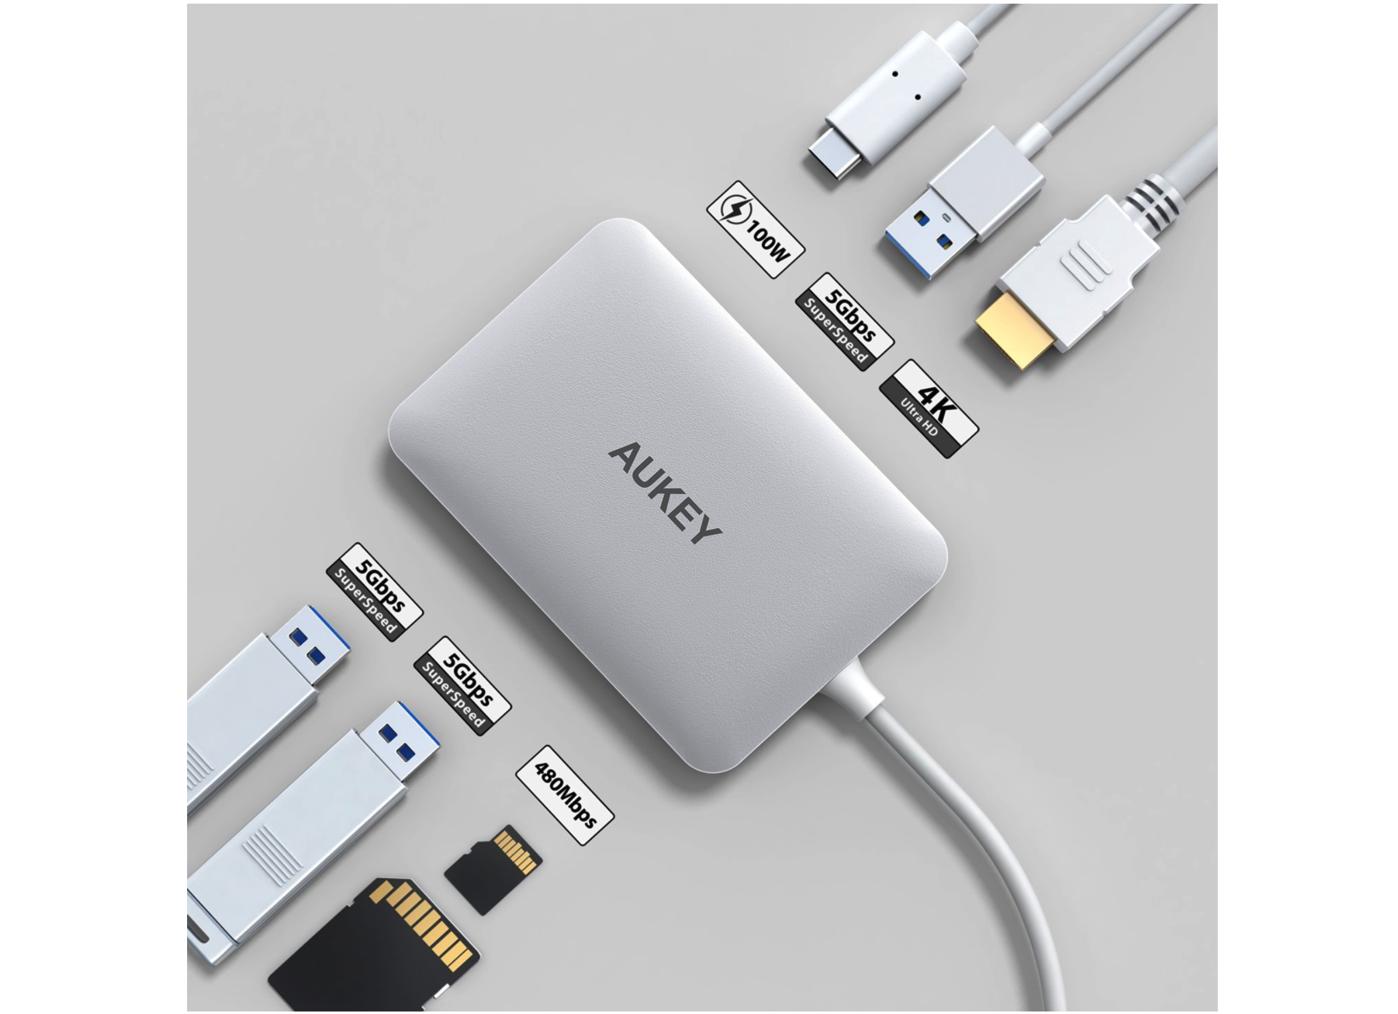 AUKEY USB C ハブ 7 in 1 マルチハブ